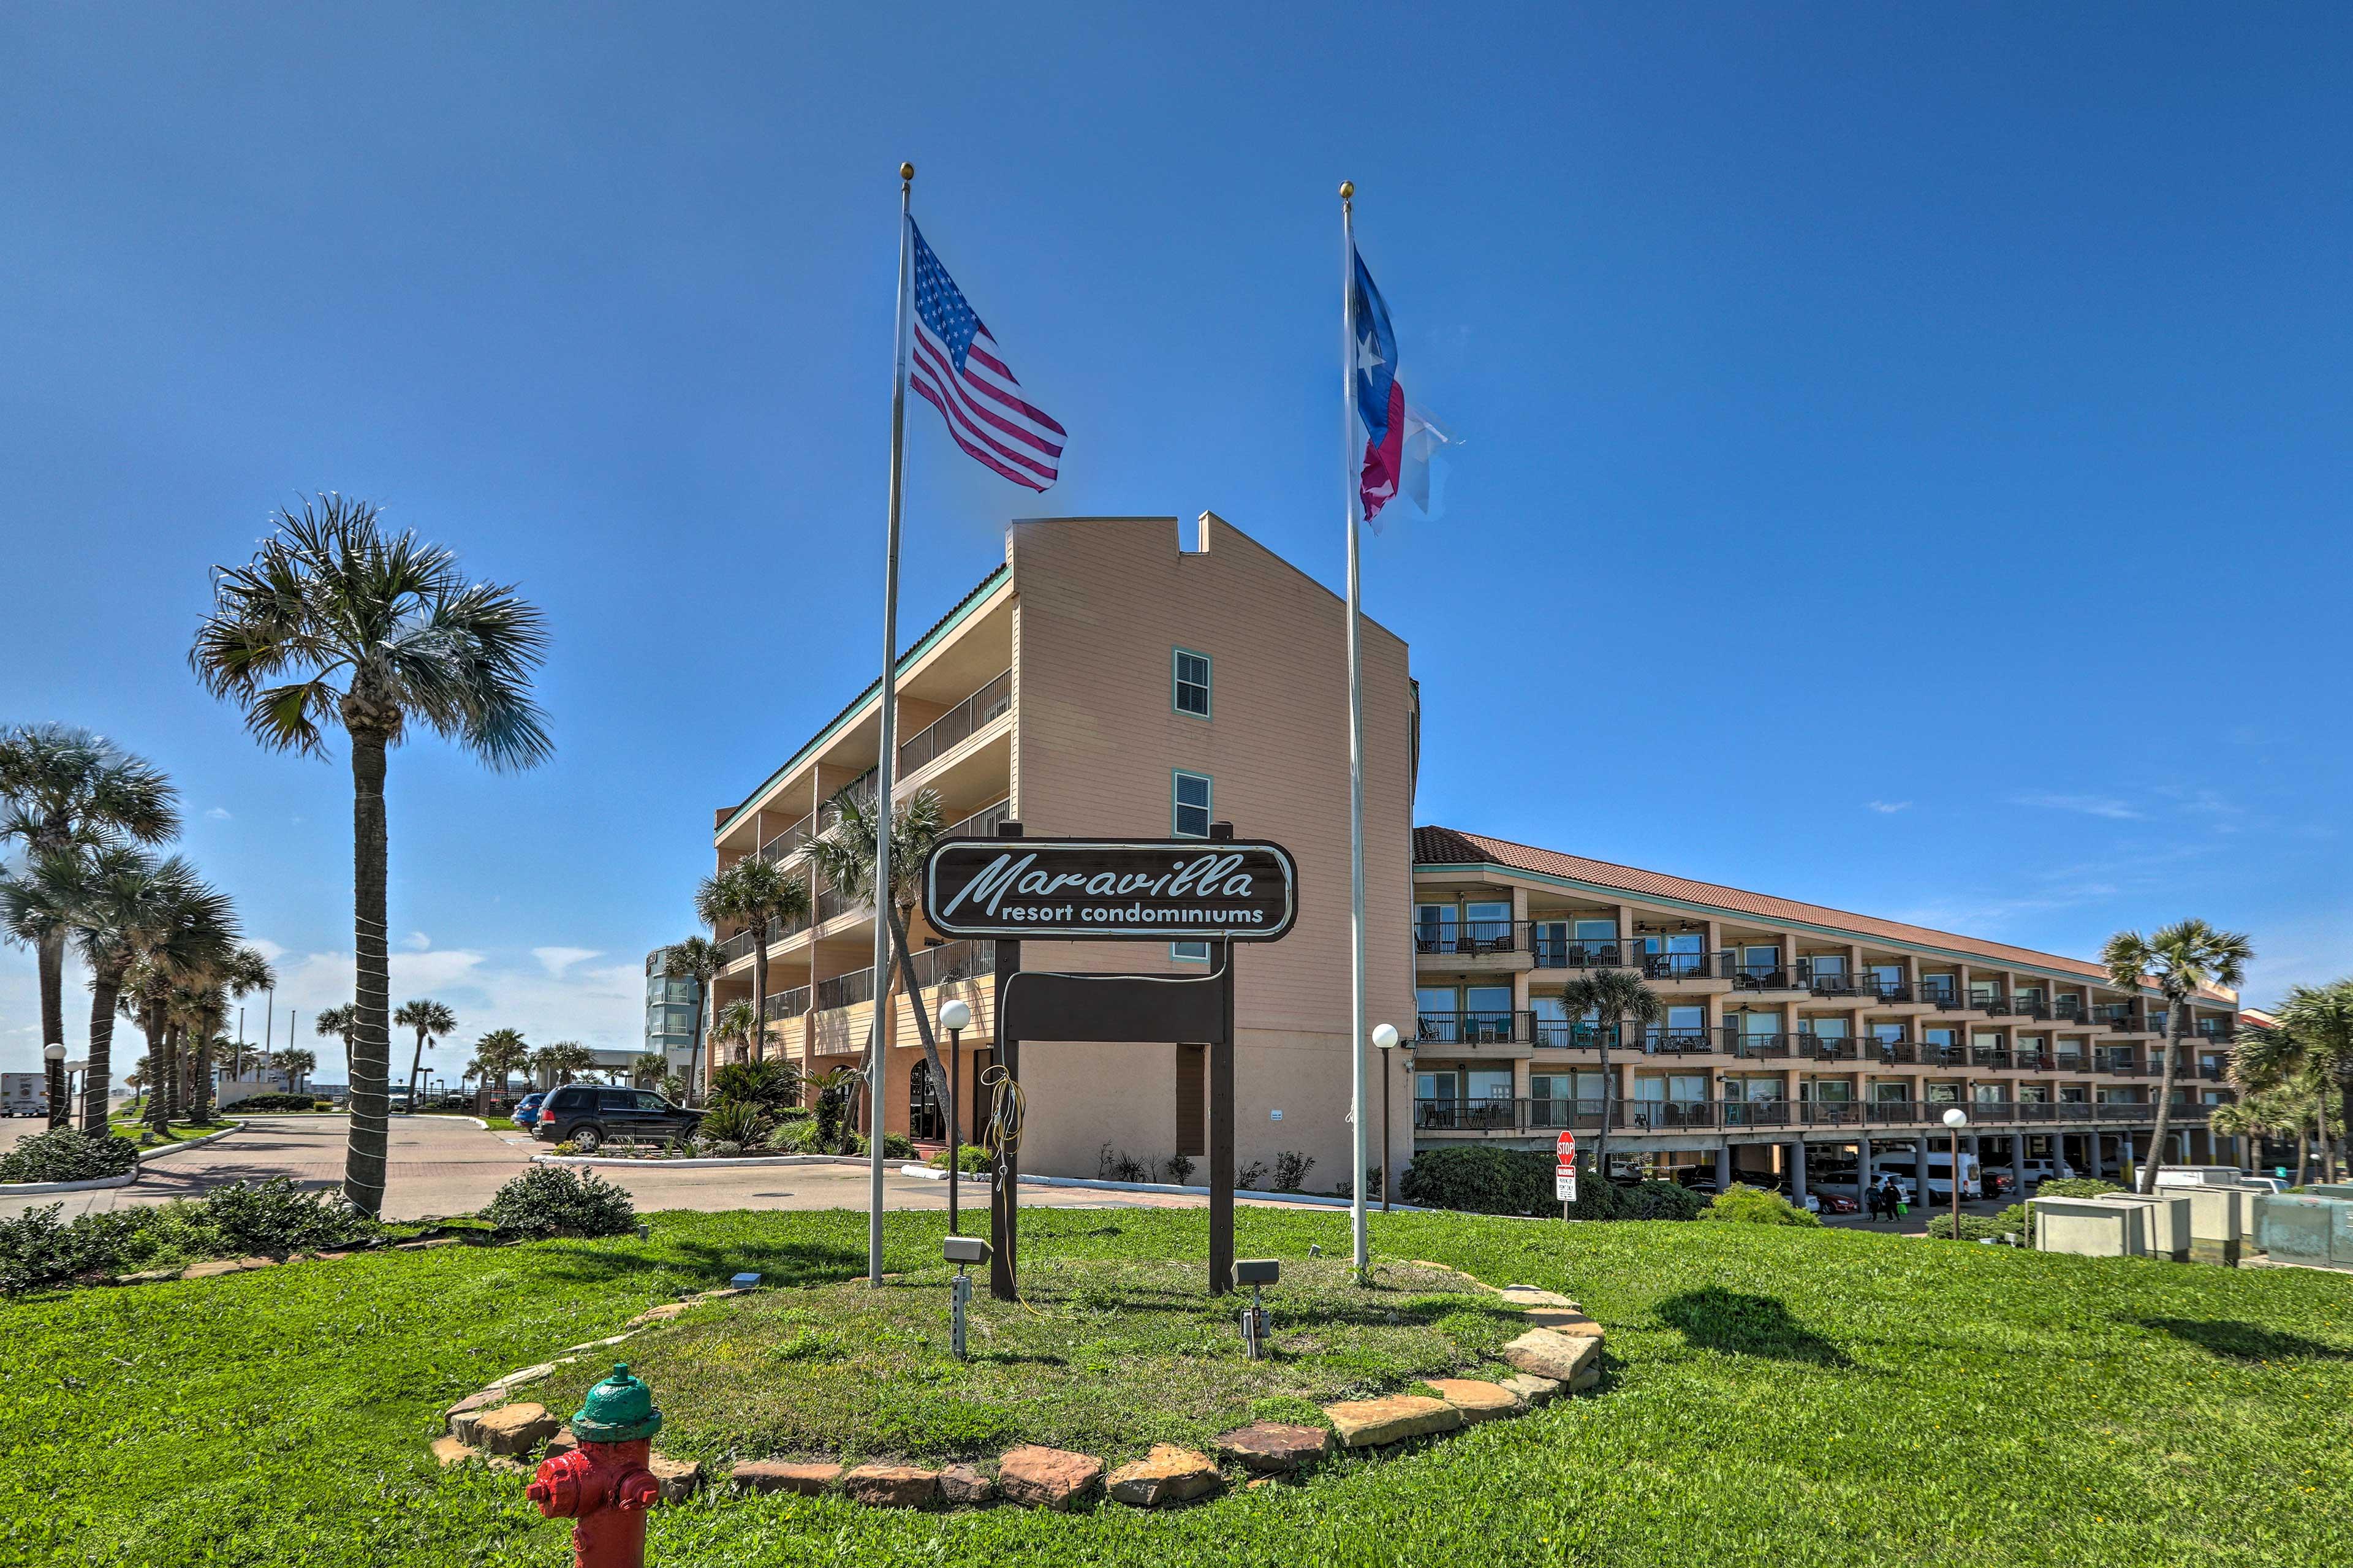 Maravilla Resort has it all!